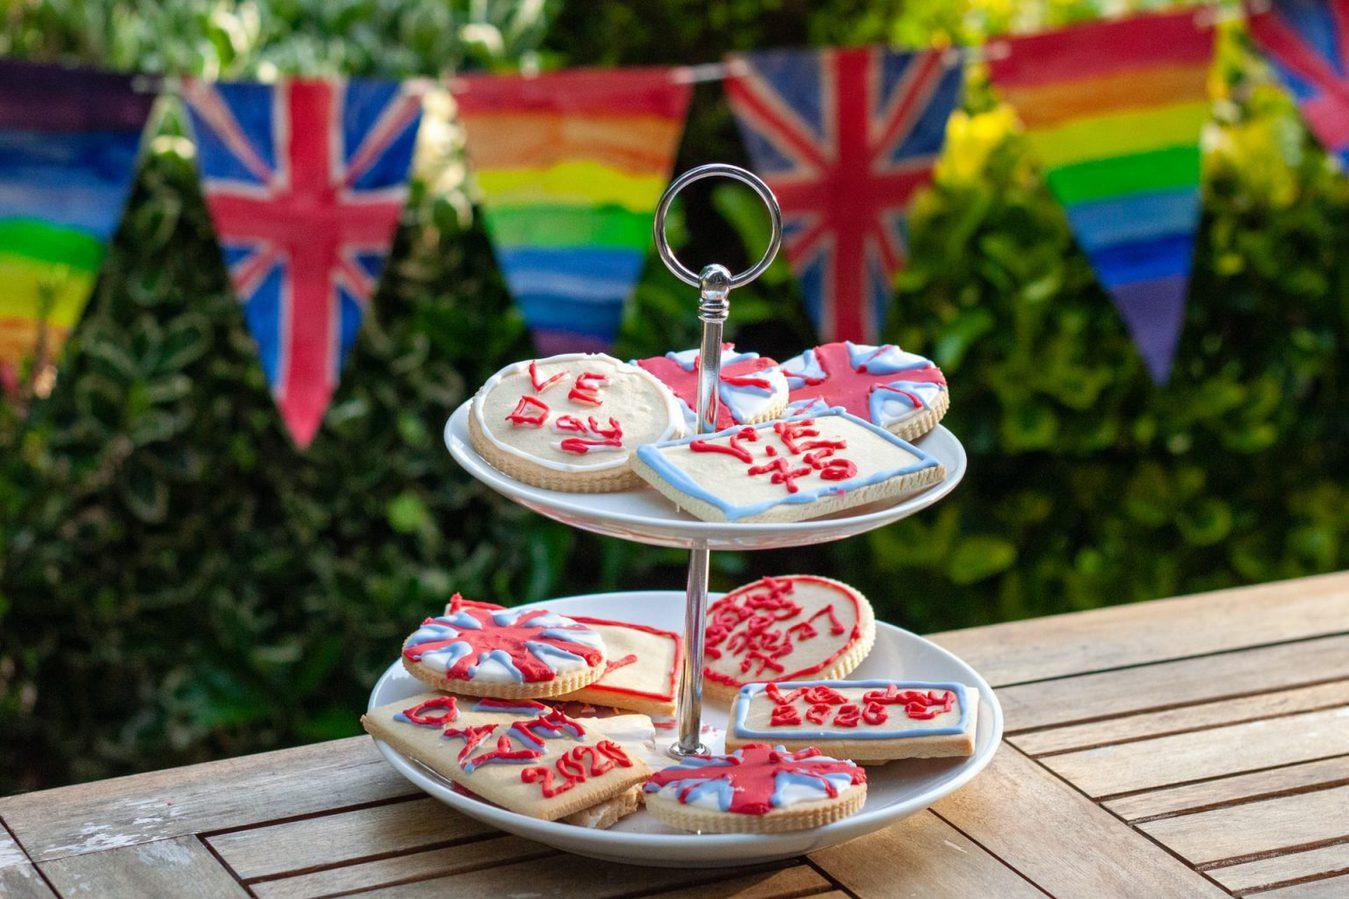 bánh ngọt được đặt trên bàn để trong vườn